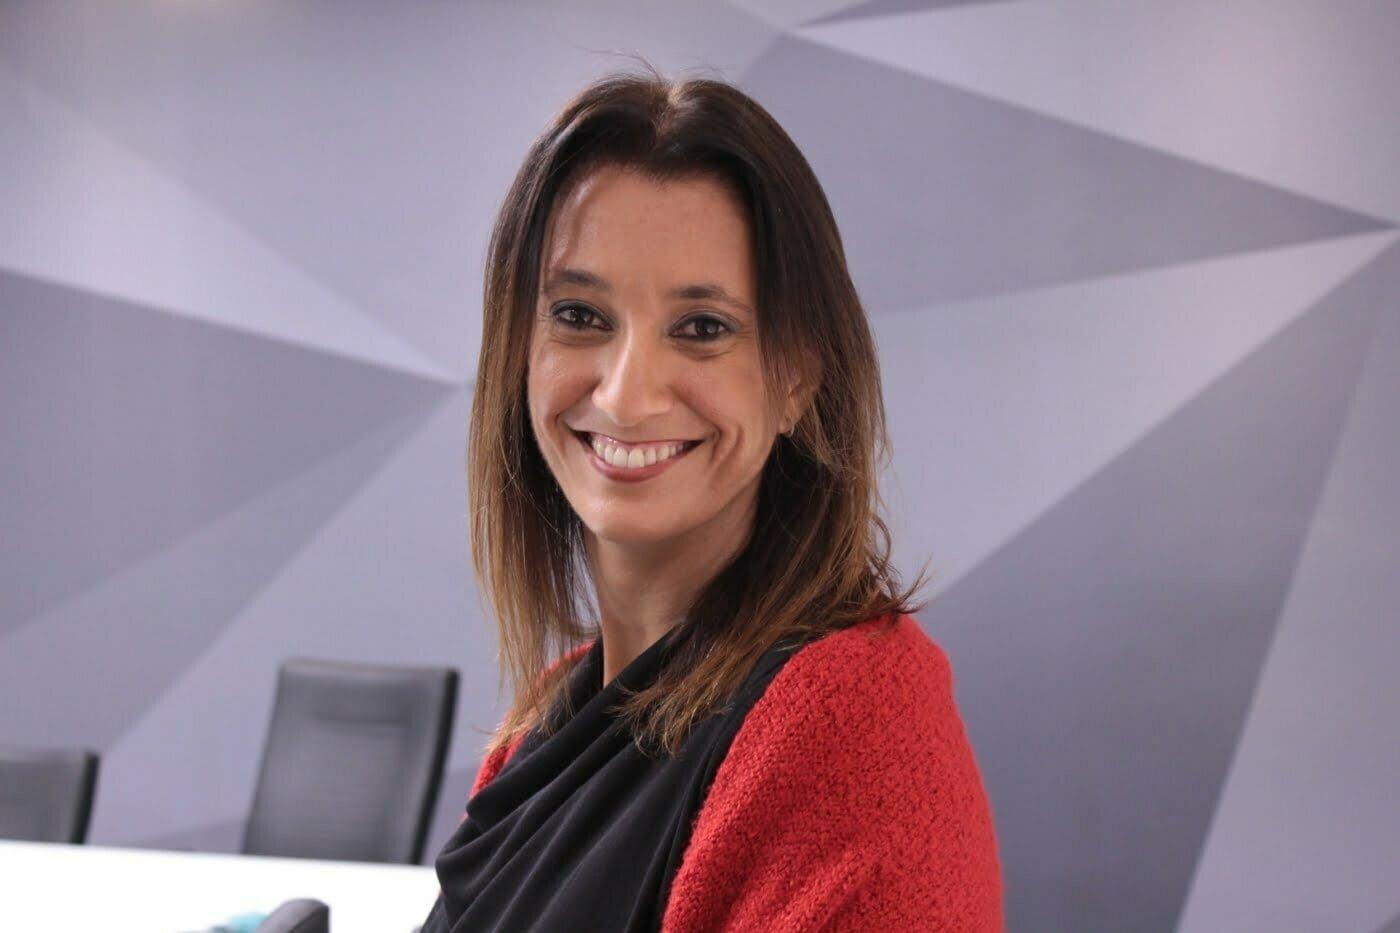 Camila Cruz Durlacher, da 3M do Brasil, lidera o fórum que oferece mentoria e prepara mulheres para assumirem cargos de comando na empresa.